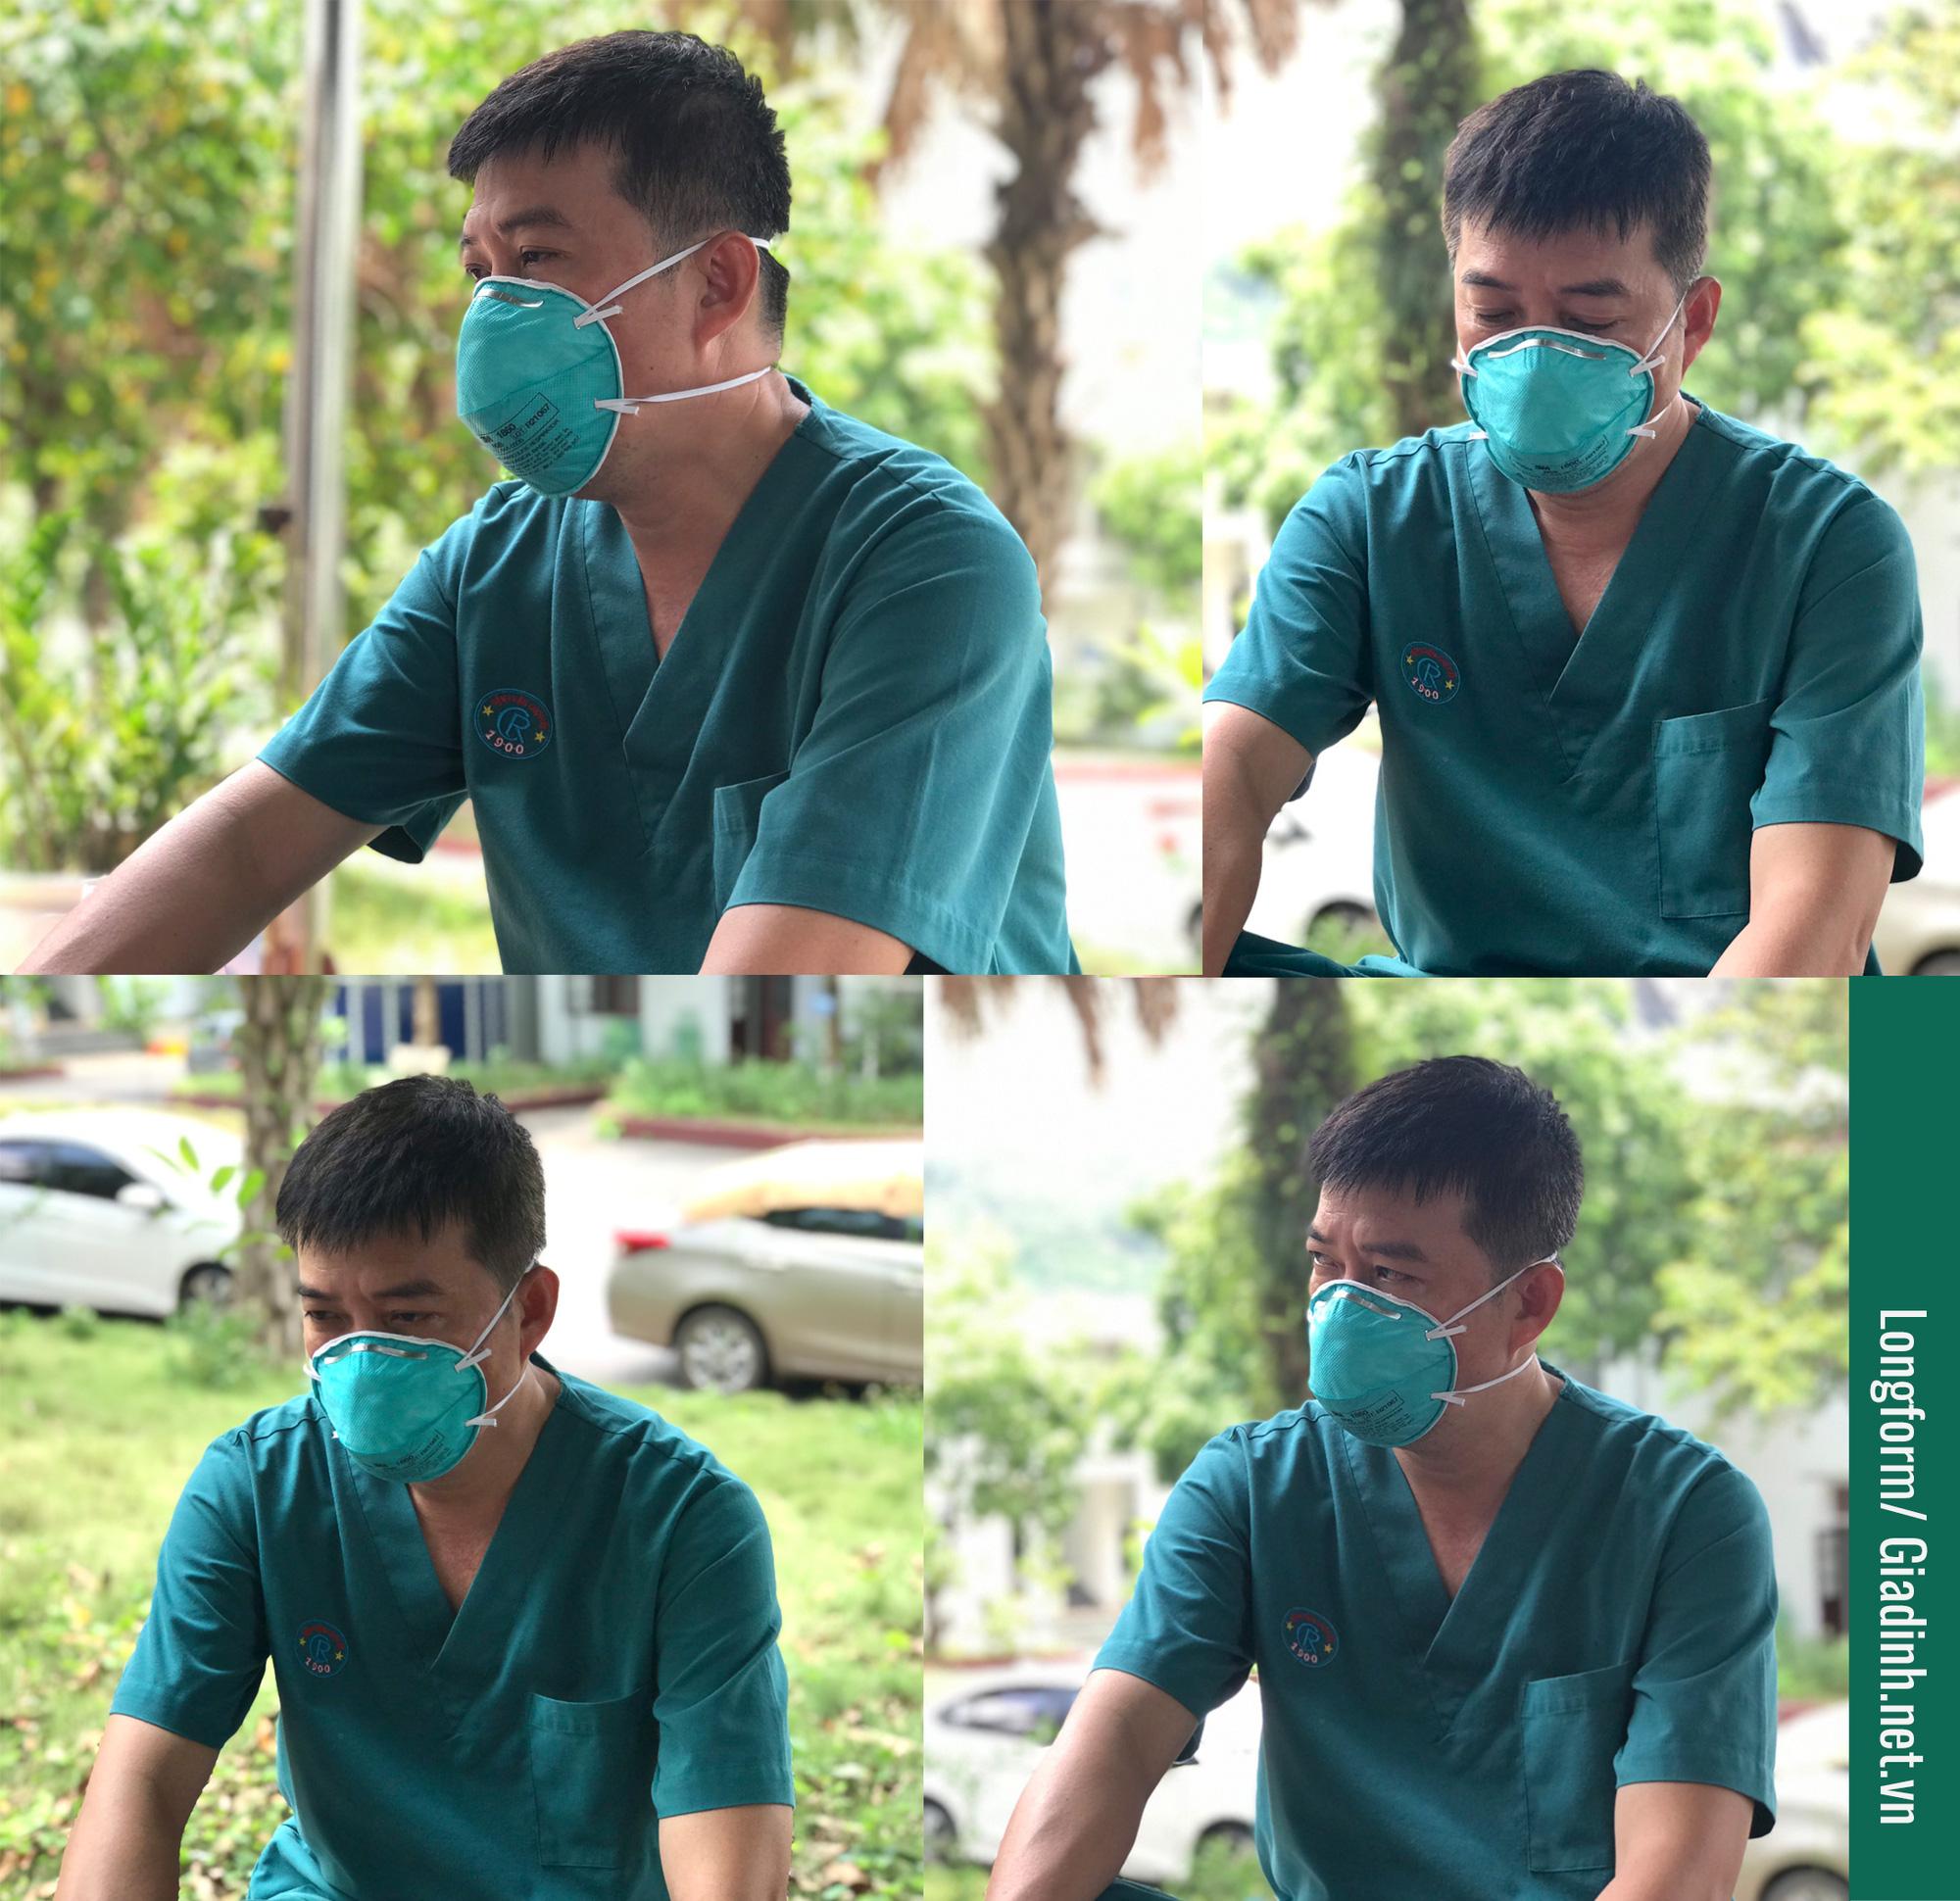 """BSCKII Trần Thanh Linh:""""Những ngày tháng này chúng tôi không gọi nhau là đồng nghiệp mà là đồng đội"""" - 12"""